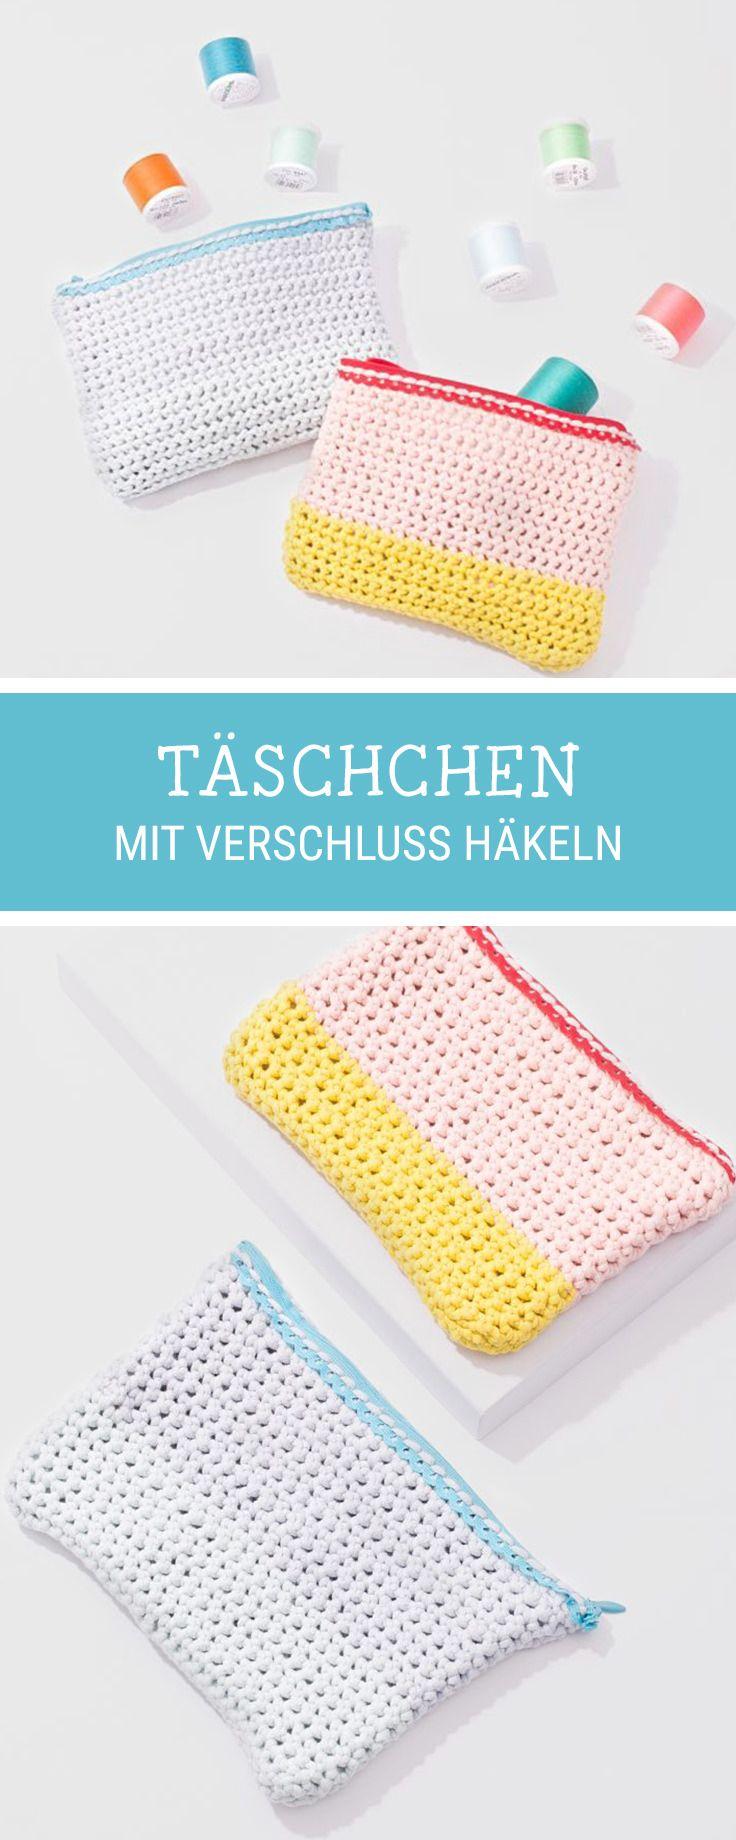 DIY-Anleitung: Täschchen mit Verschluss häkeln, #Häkelanleitung für eine kleine Tasche / #crochetpattern for a small purse with zipper via DaWanda.com #dawandaandfriends